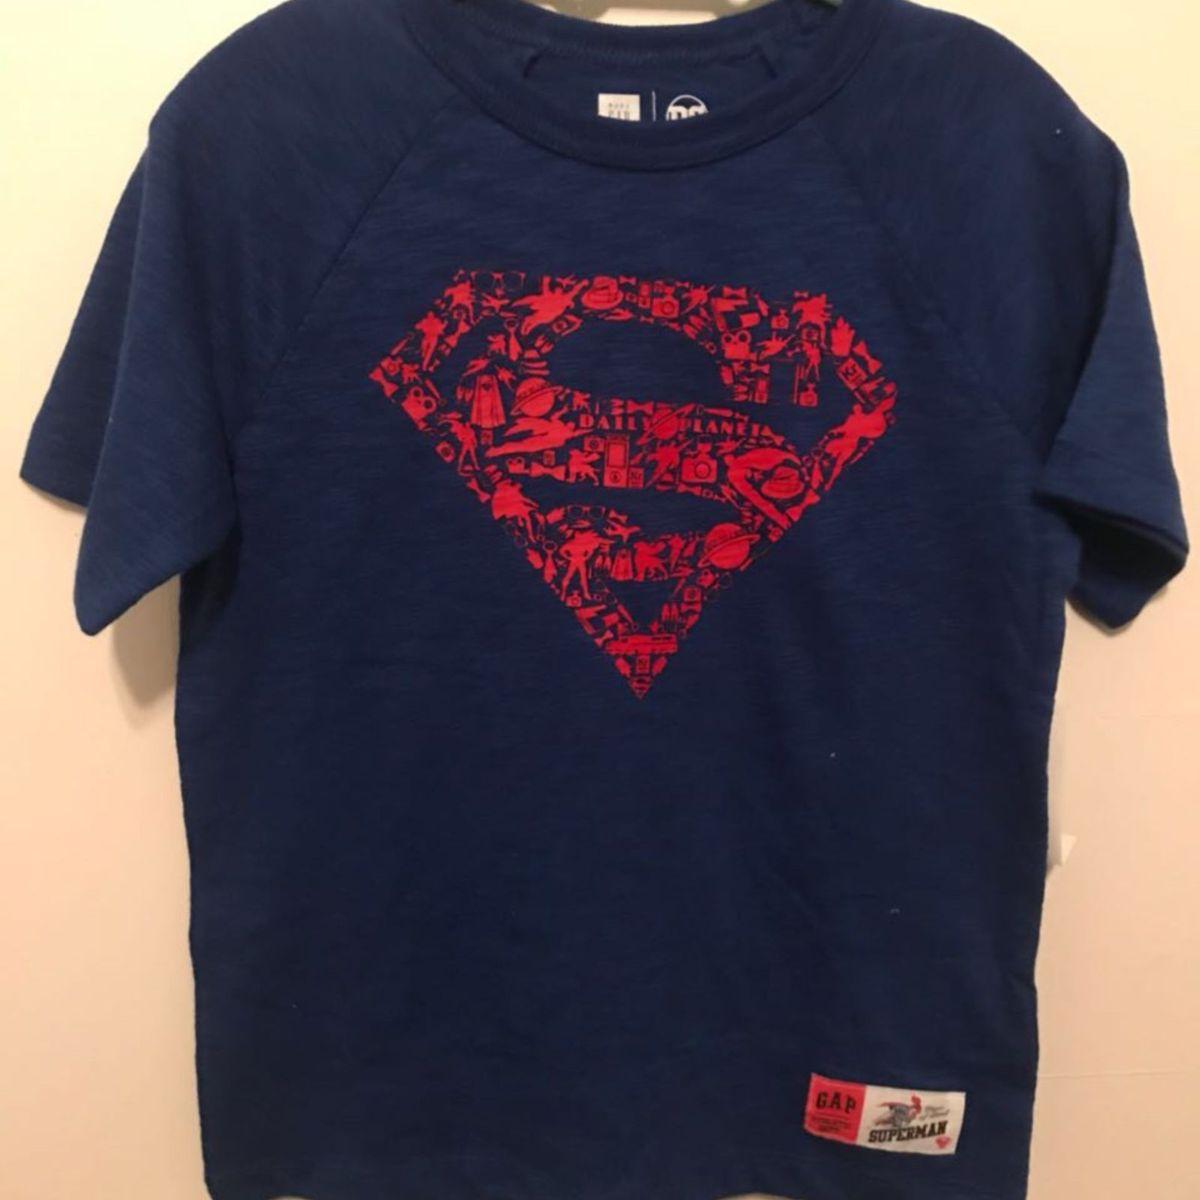 c7010af01 Camiseta Super Homem